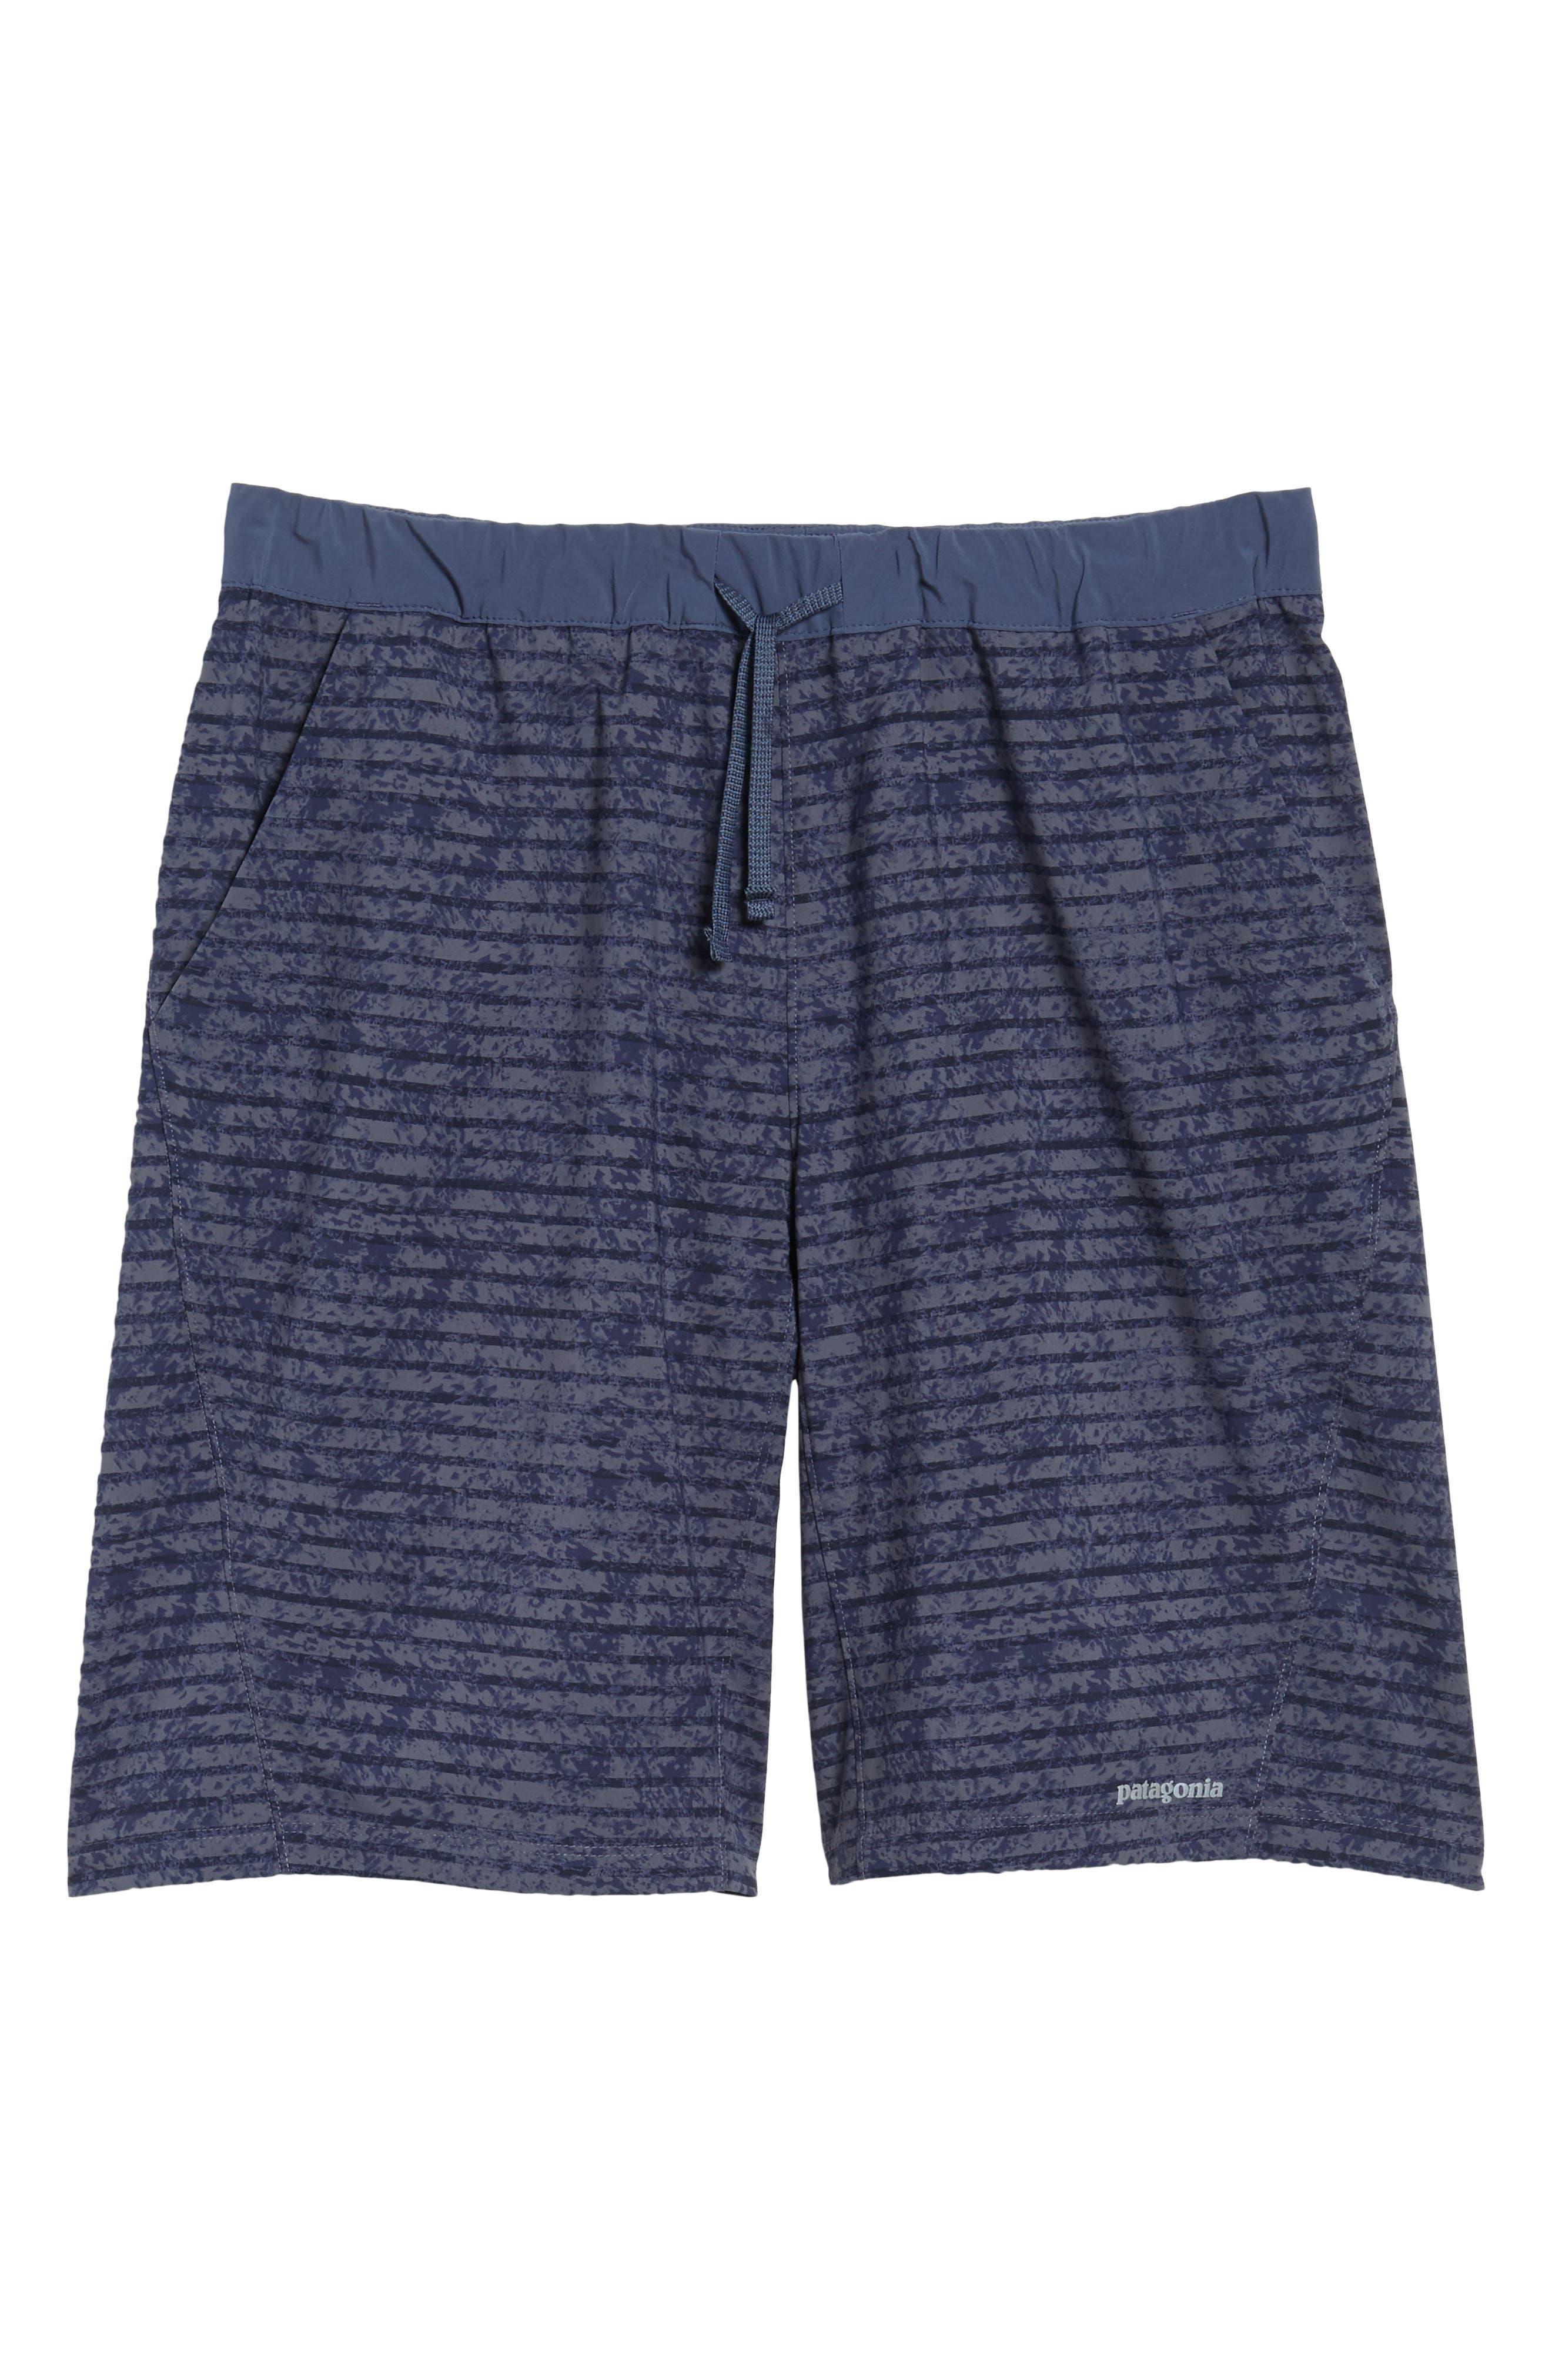 Terrebonne Shorts,                             Alternate thumbnail 12, color,